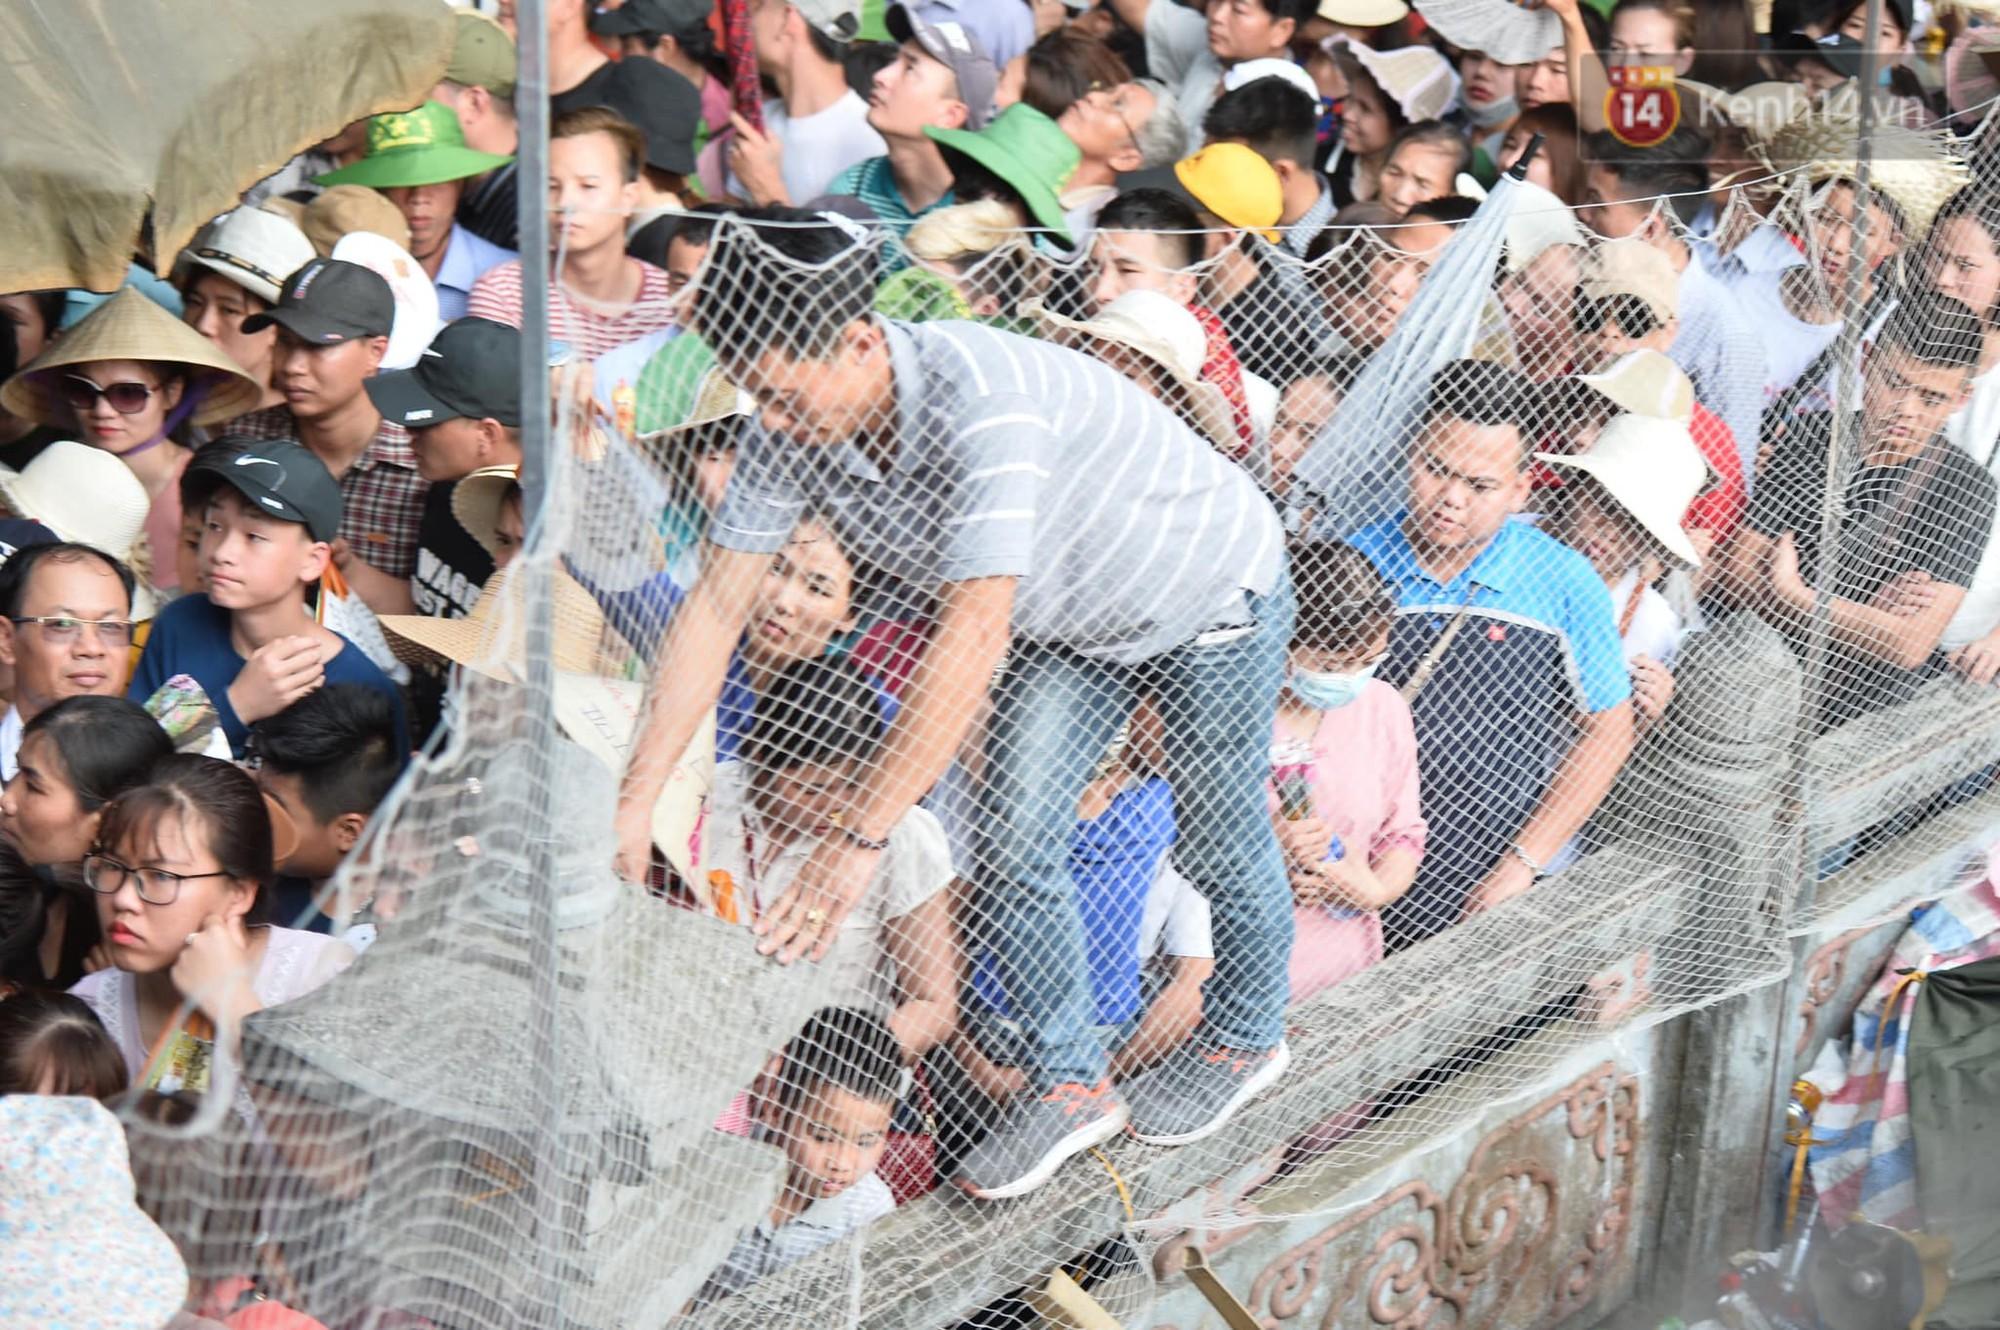 Ảnh: Mệt mỏi vì chen lấn giữa hàng vạn người dù chưa khai hội chùa Hương, nhiều em nhỏ ngủ gục trên vai mẹ-6